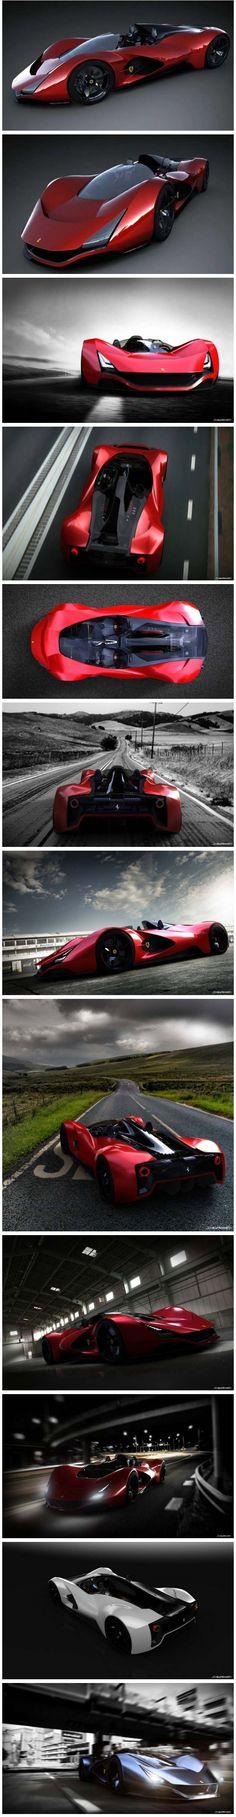 Ferrari Aliante